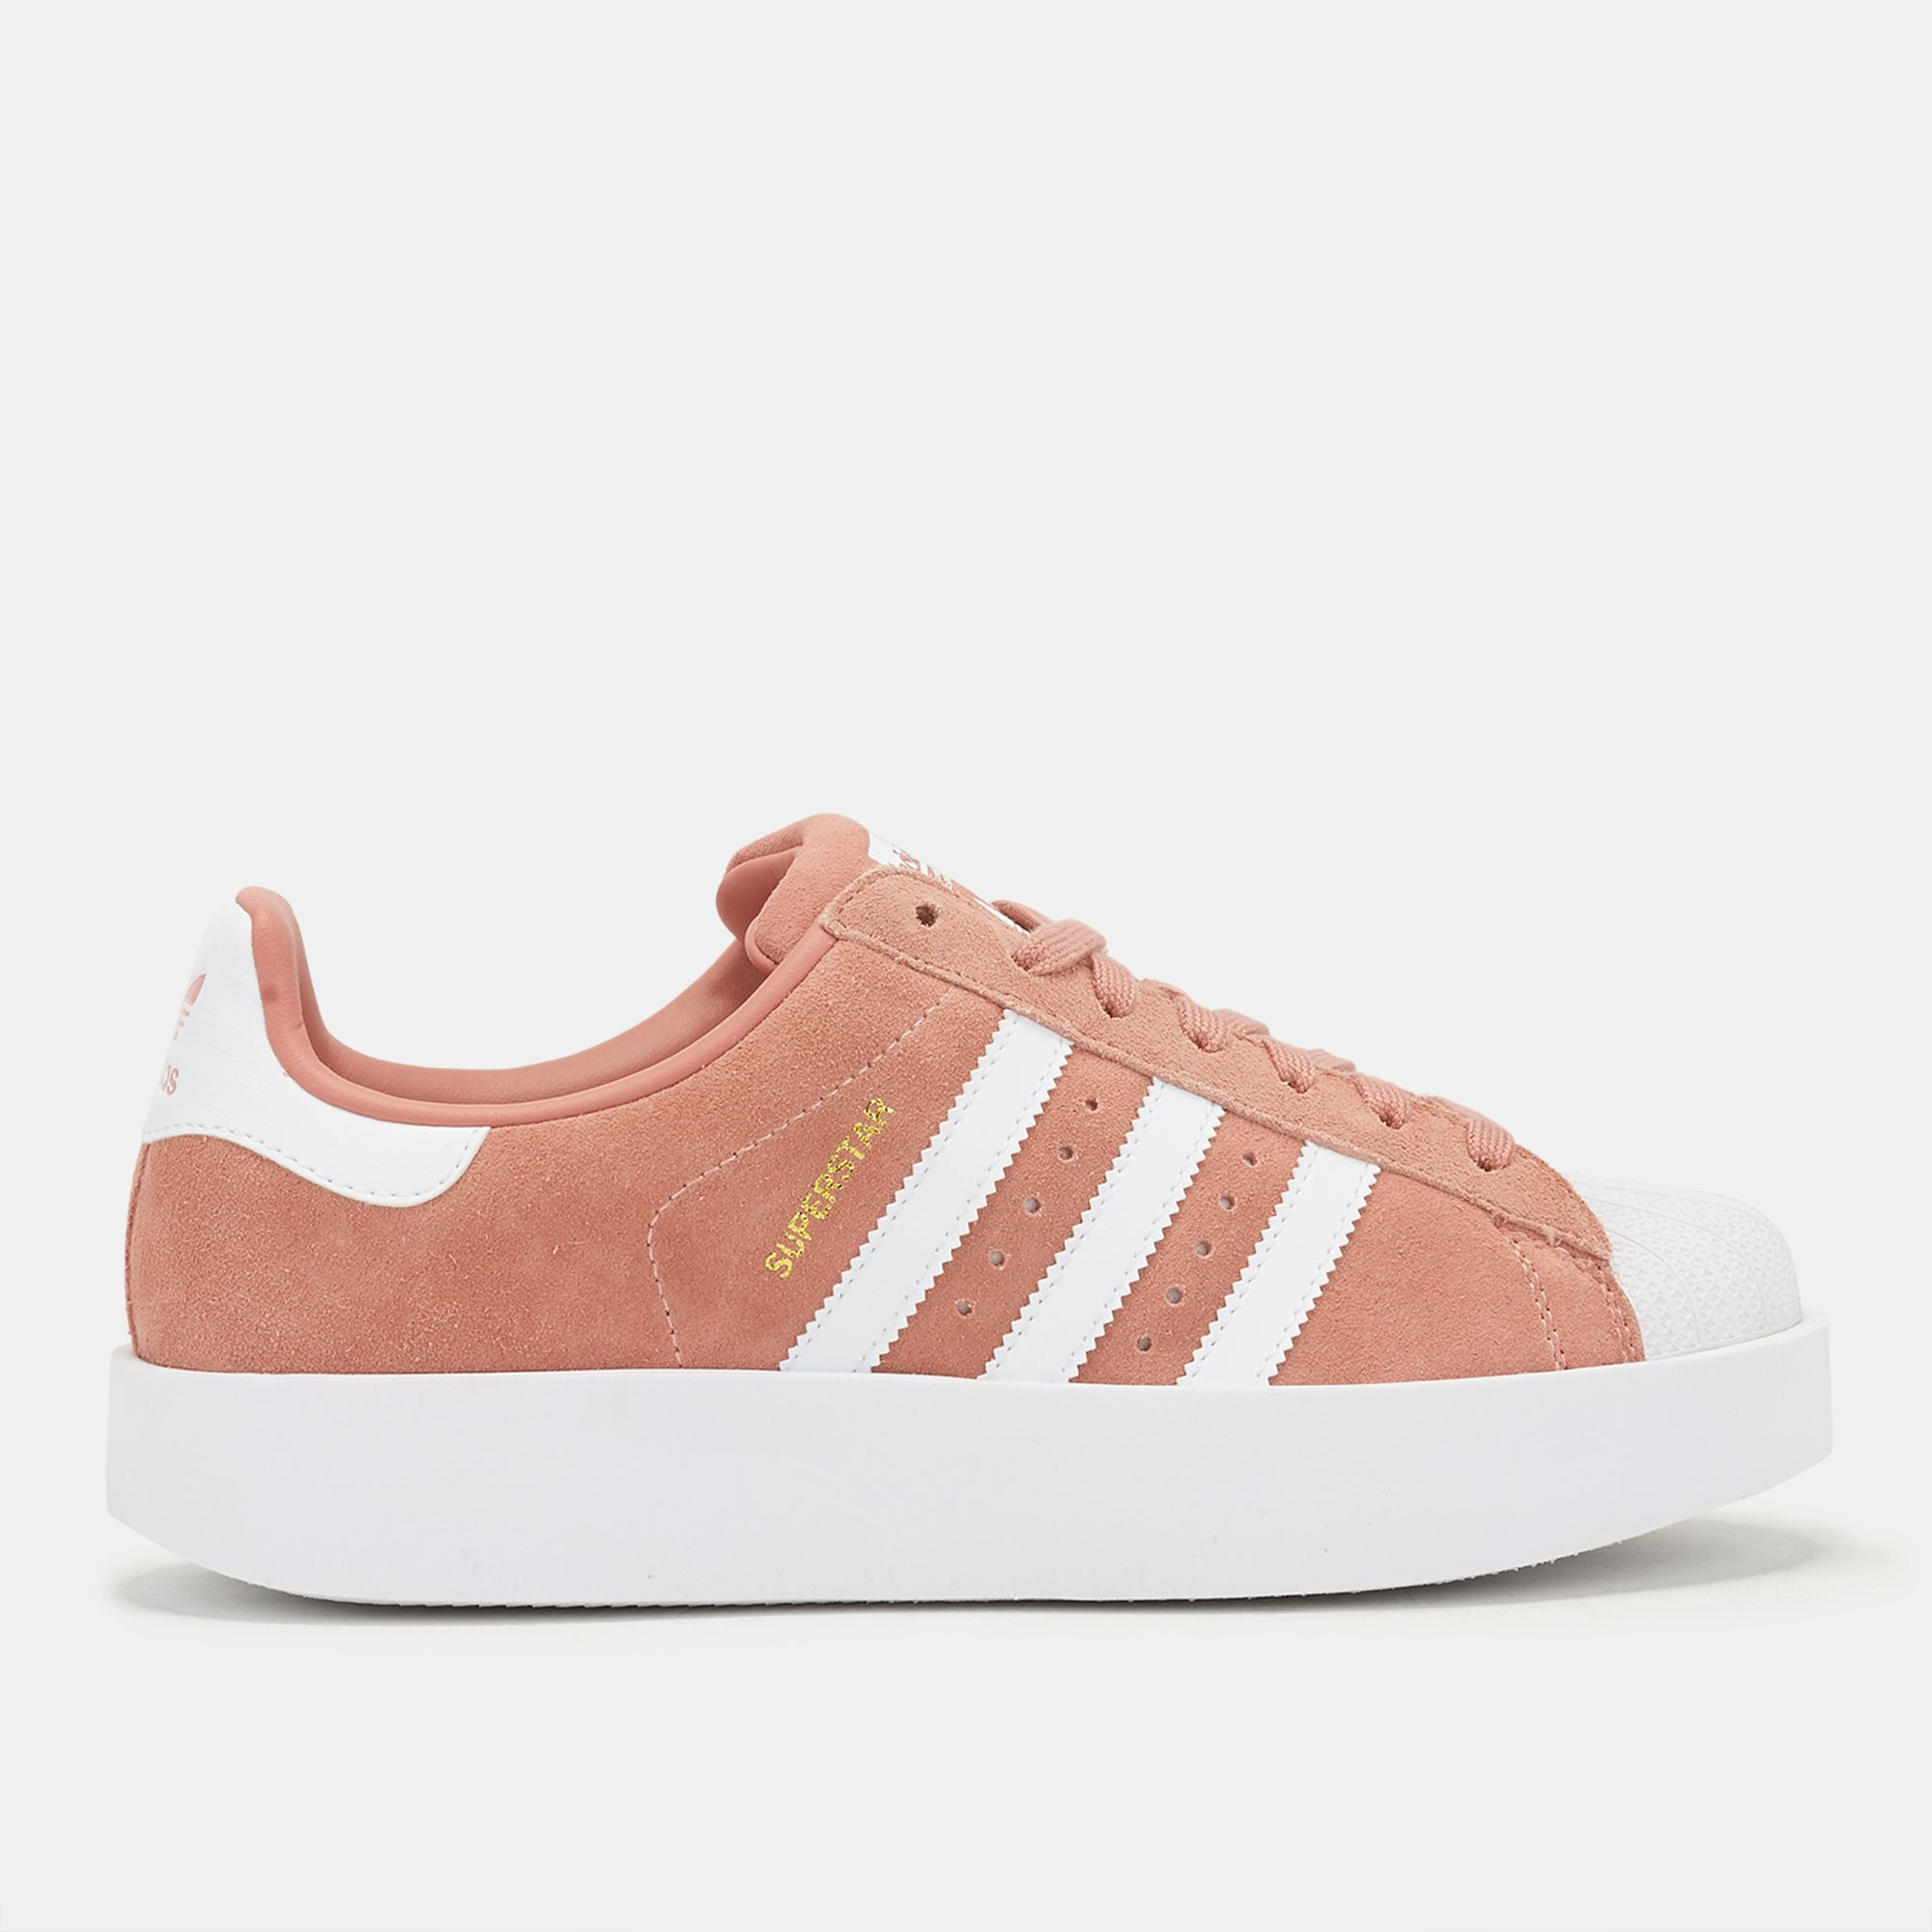 Shop Pink adidas Originals Superstar Bold zapato de plataforma para mujer